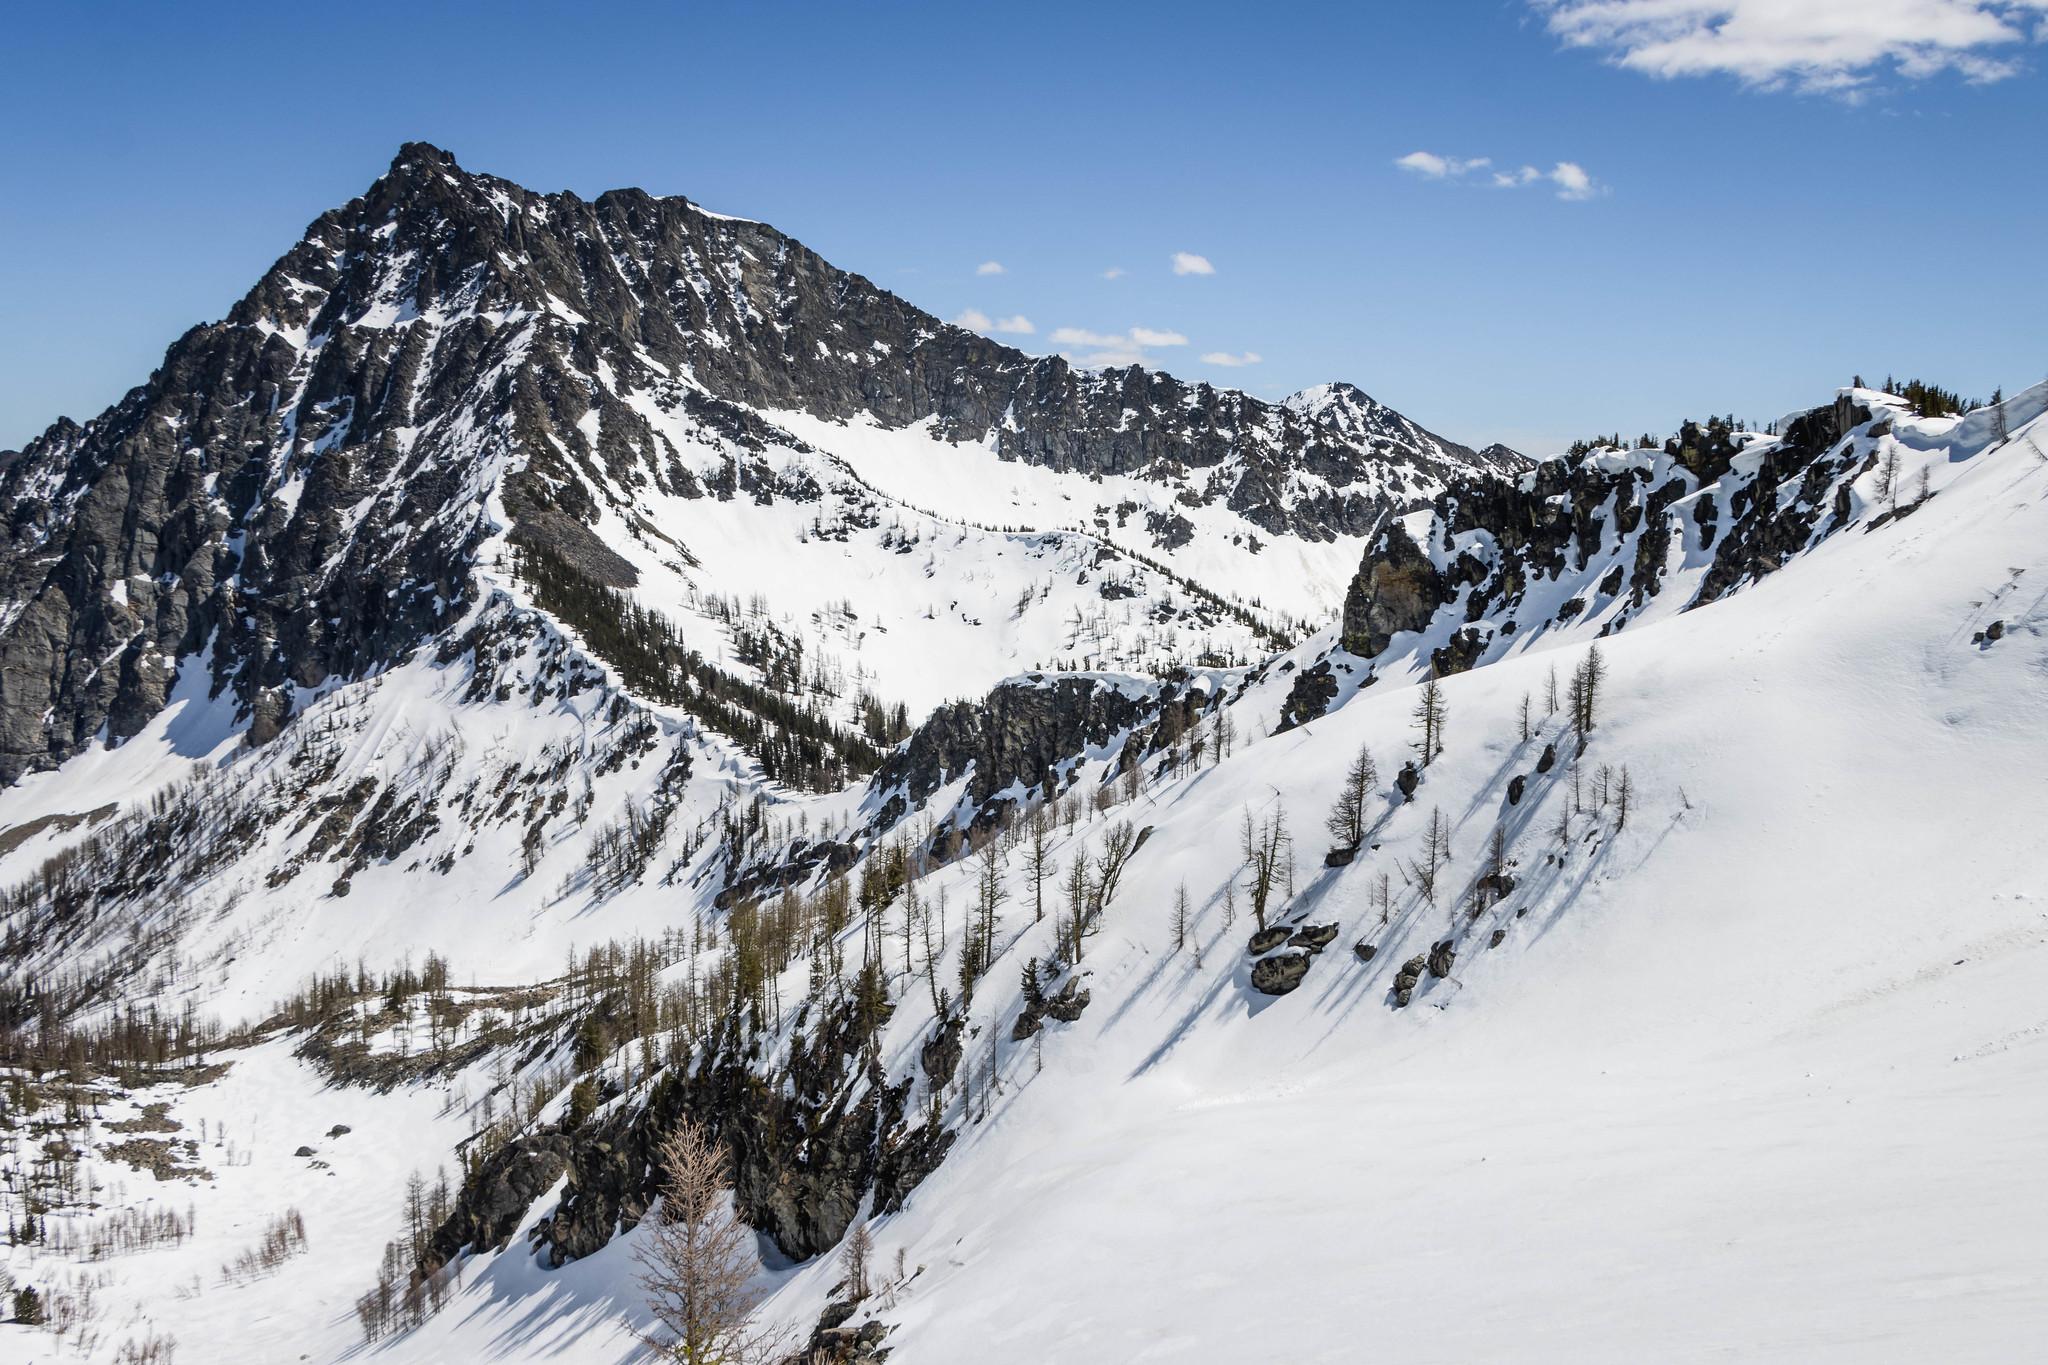 Looking back at Reynolds Peak